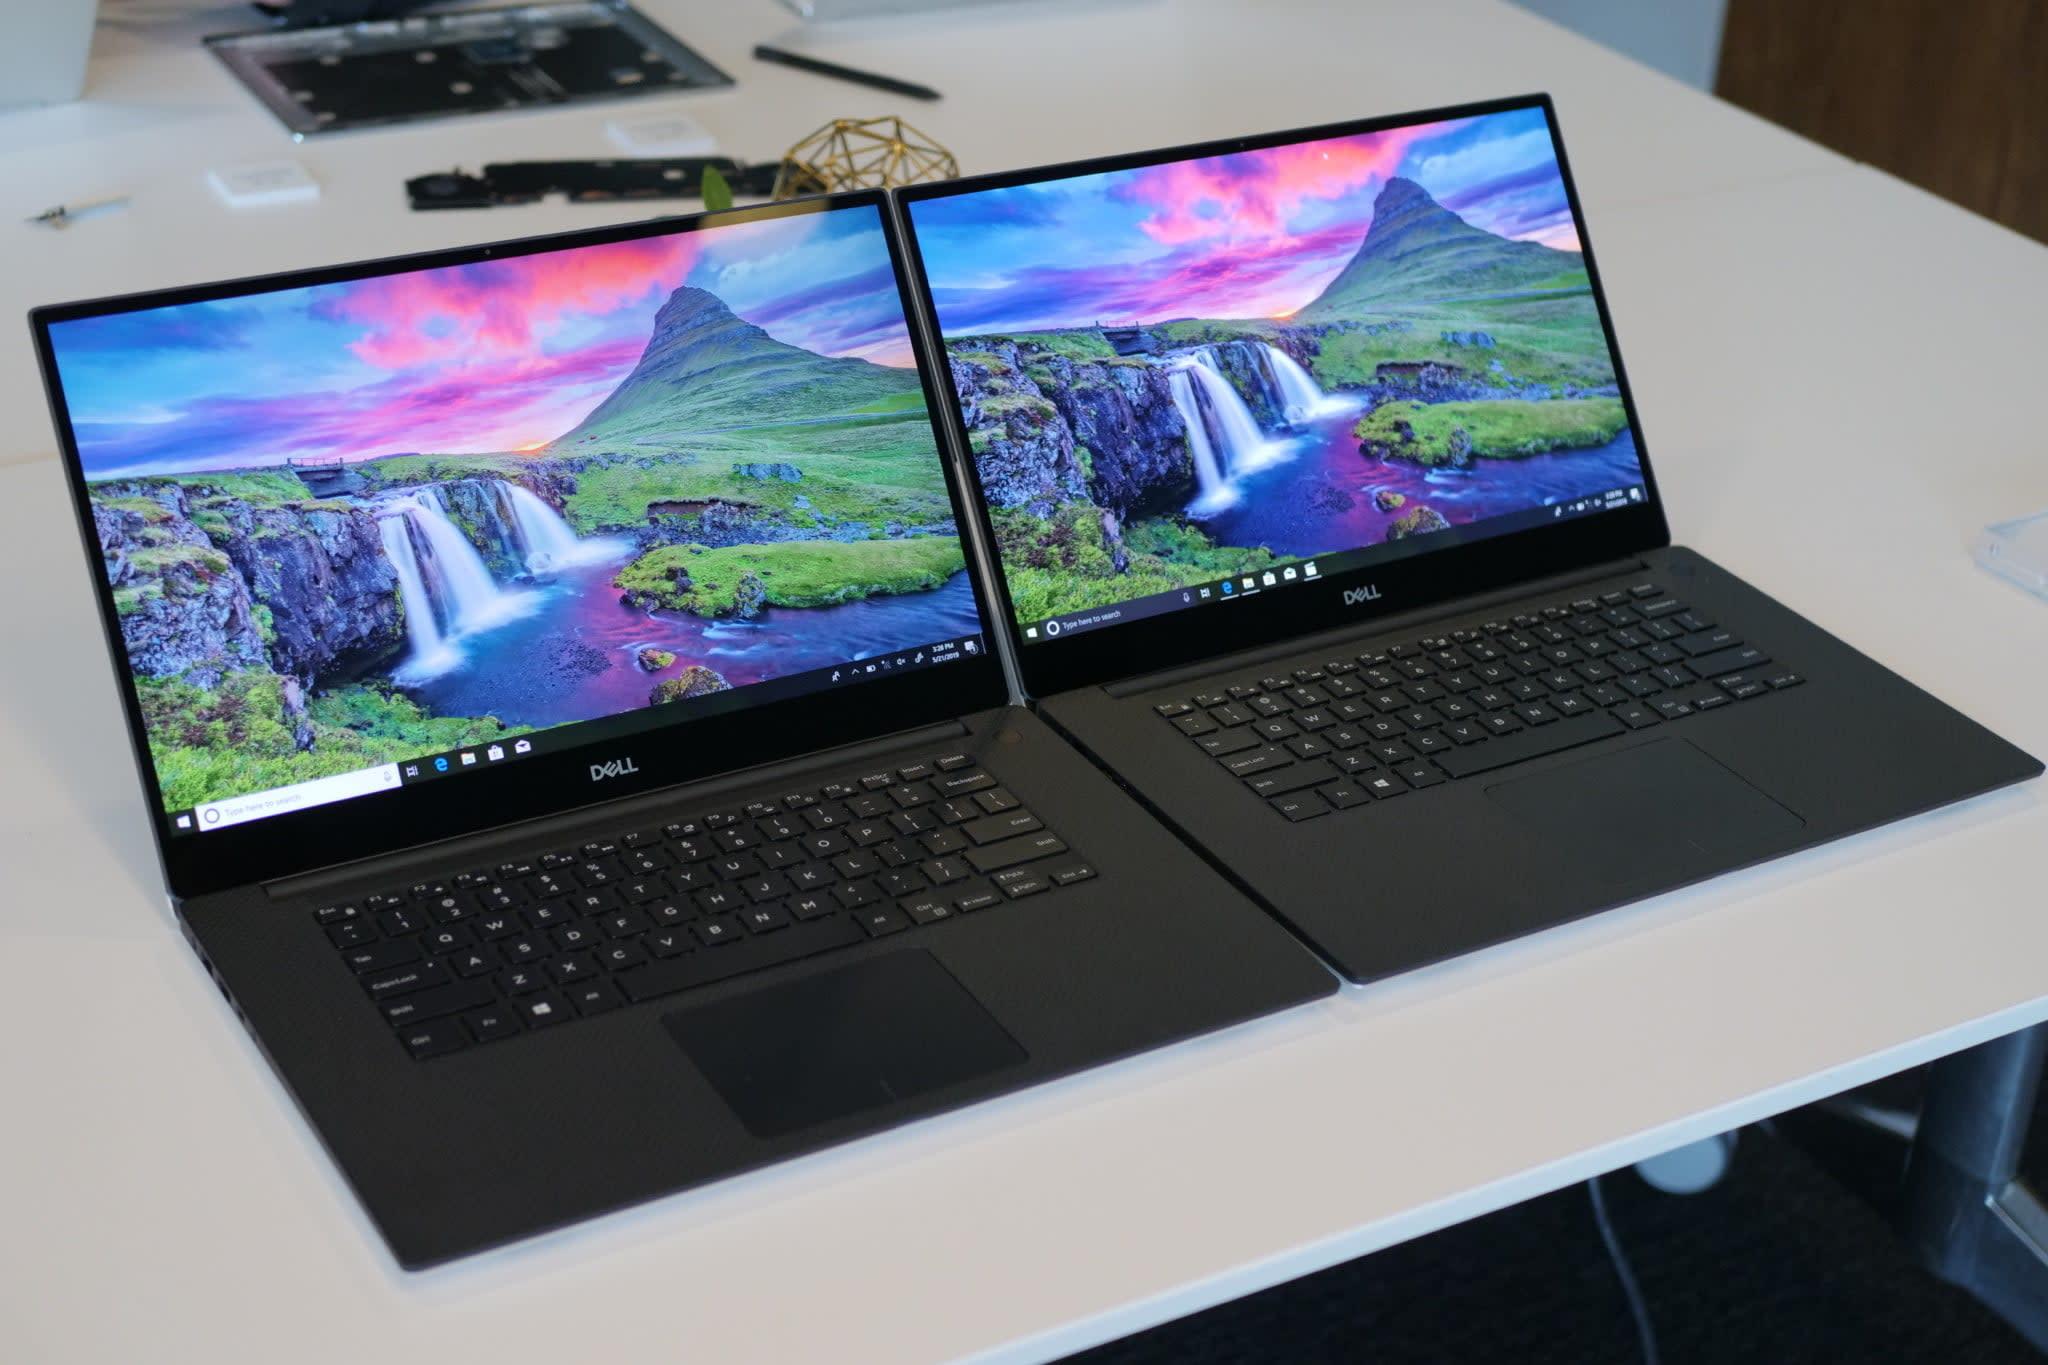 Oled Laptop